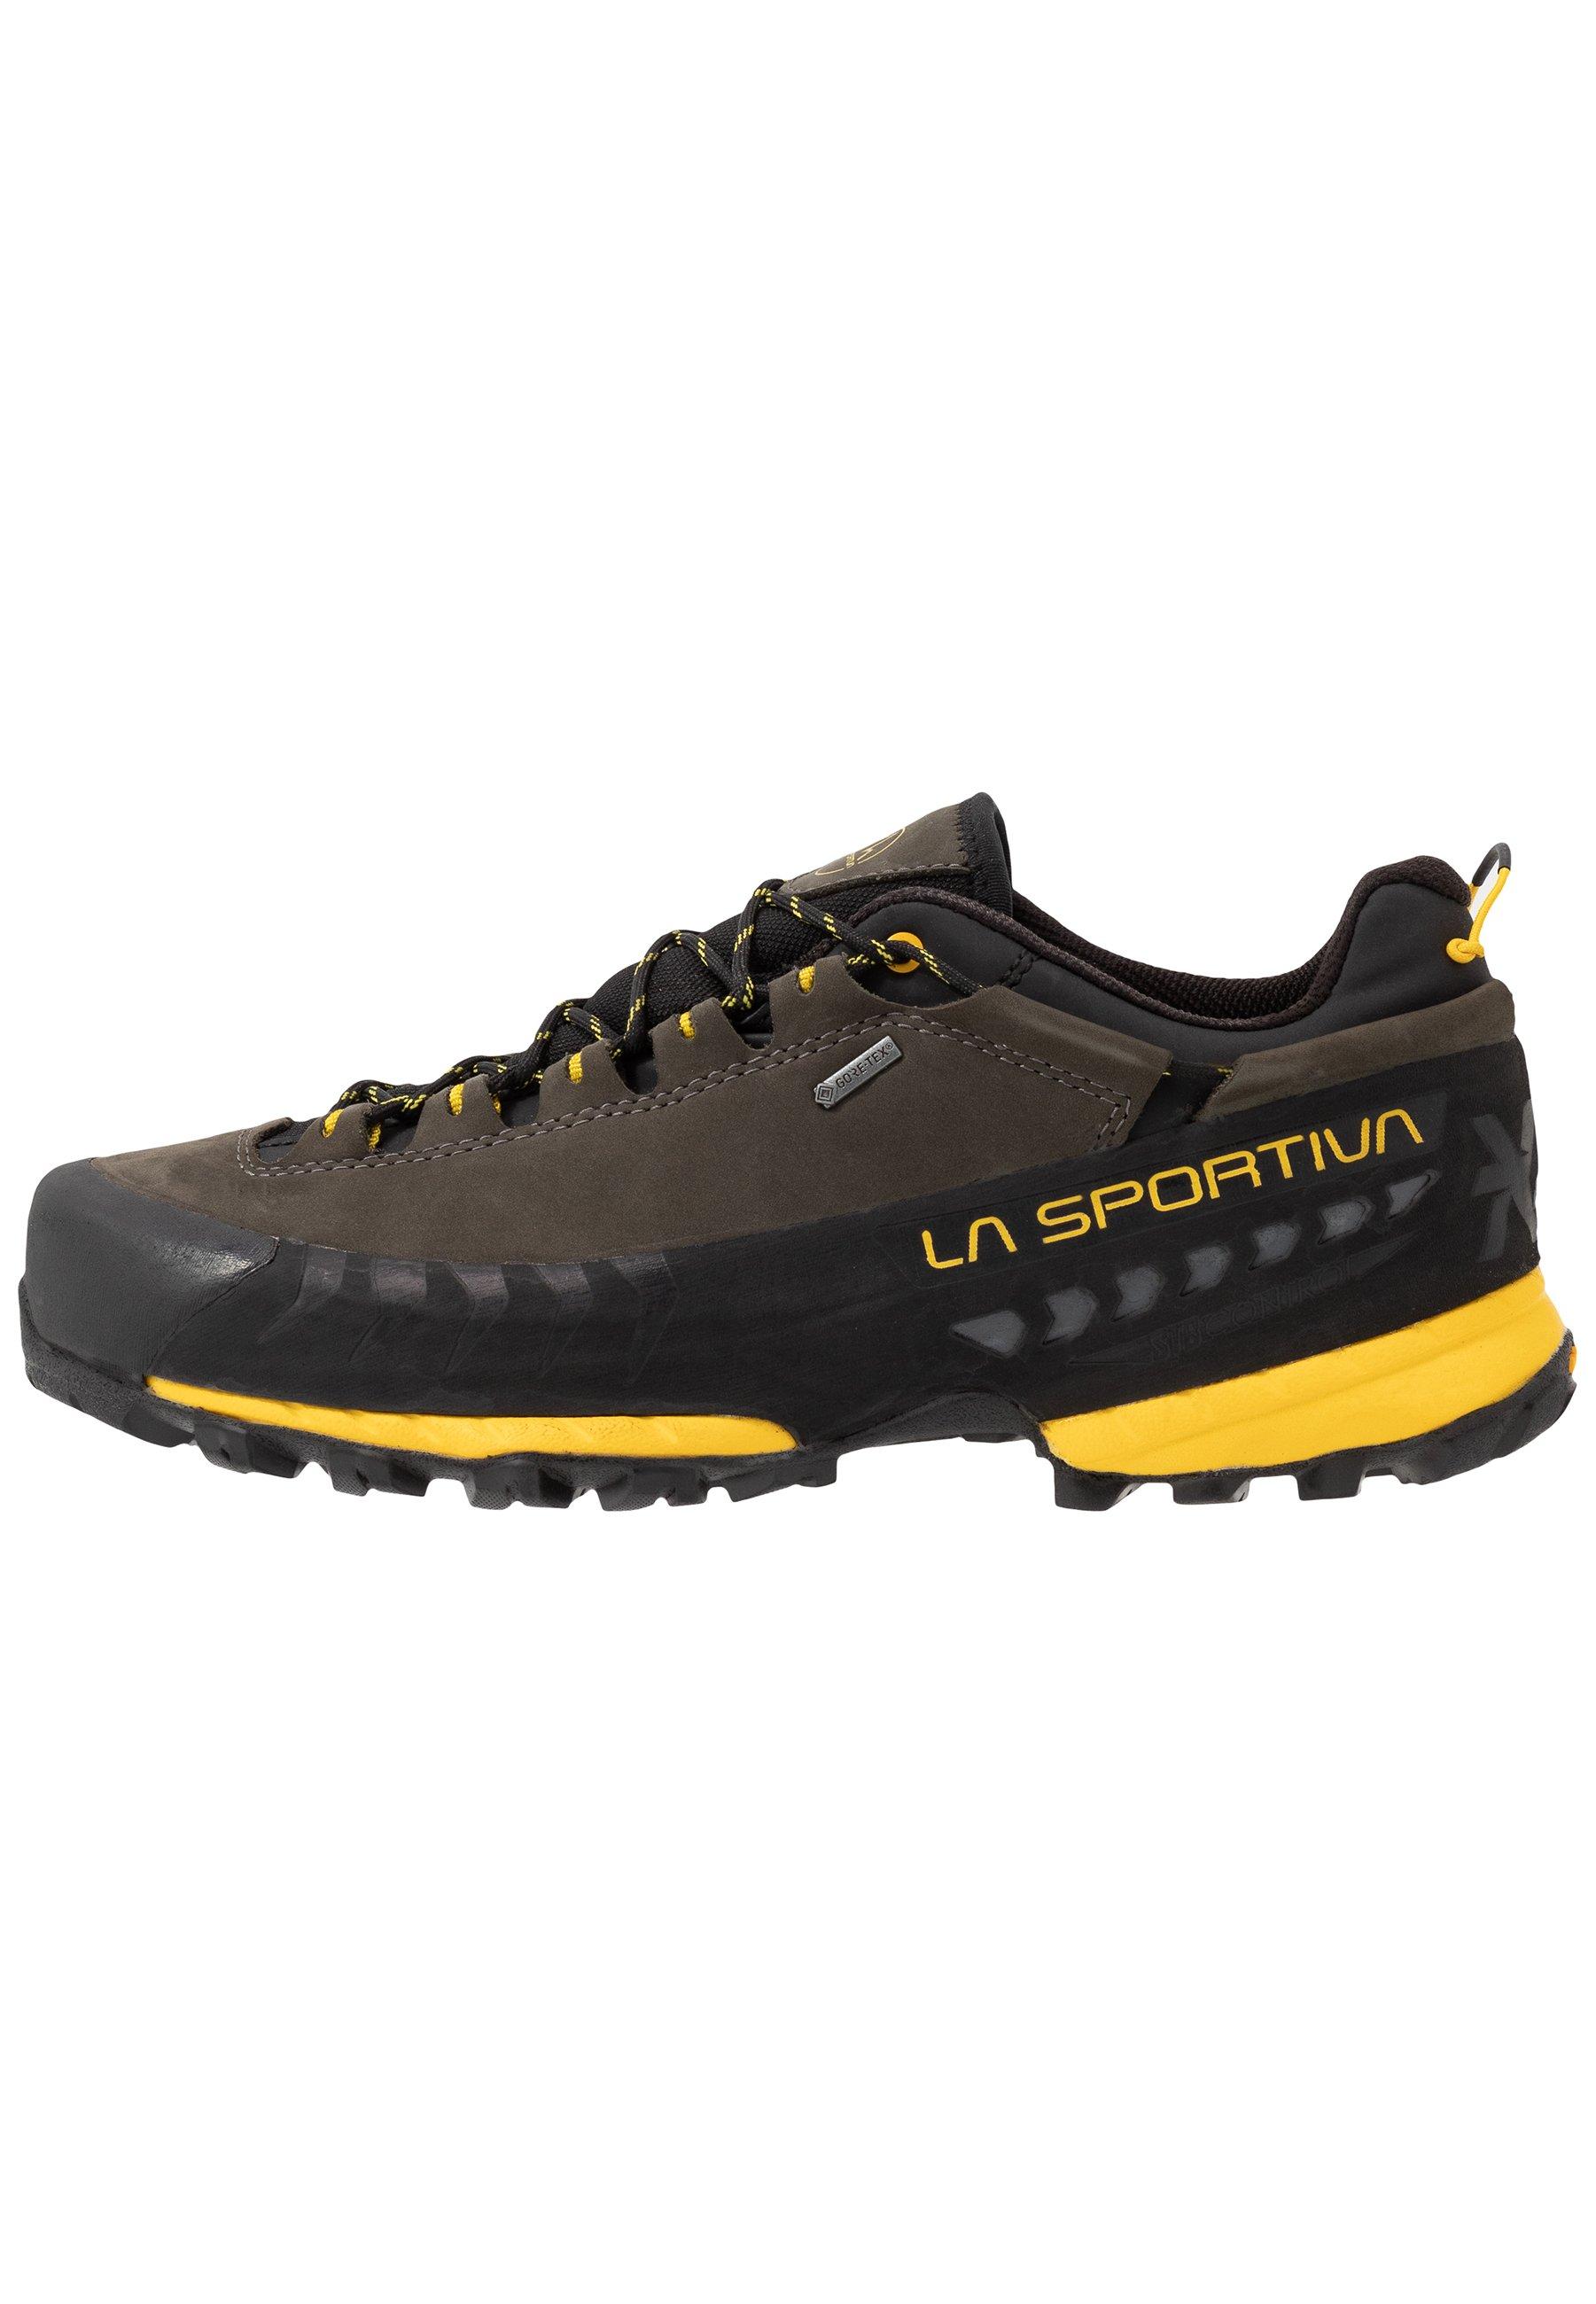 Uomo TX5 LOW GTX - Scarpa da hiking